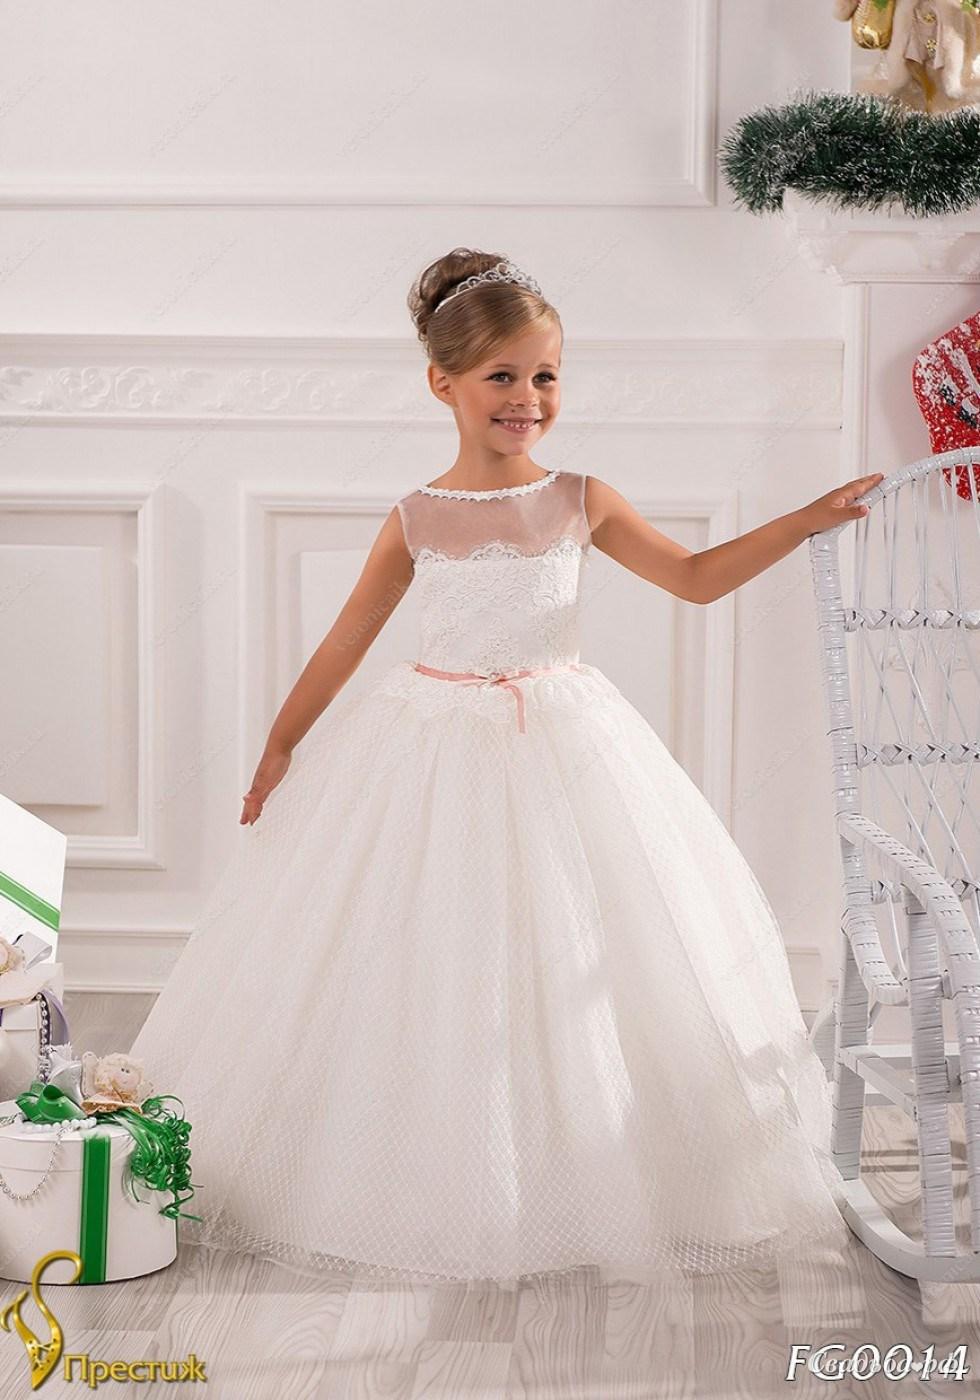 Цветы, свадебный салон интернет магазин детские бальные платья